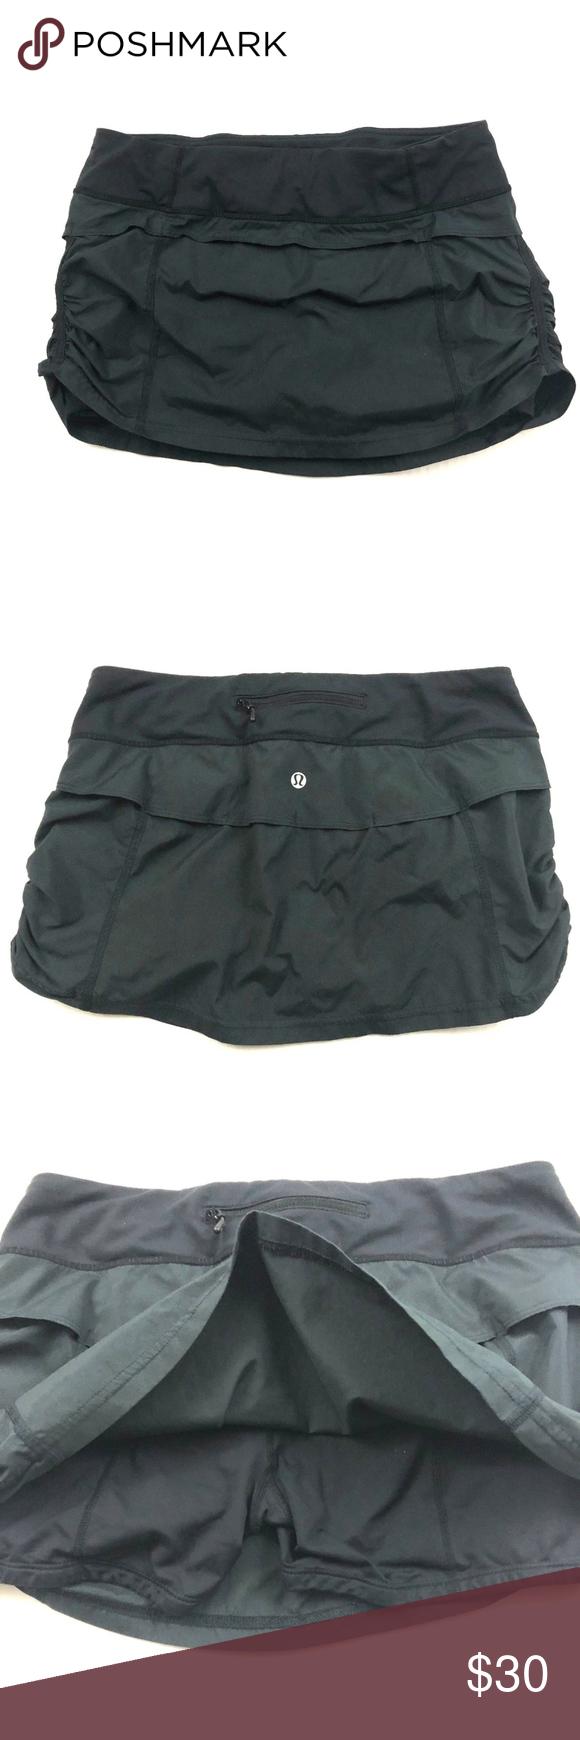 ce09d54a3e Lululemon Run Jog Skirt Skort Run Tennis Black 6 EUC Lululemon Run Jog Skirt  Skort Run Tennis Ruched Liner Size 6 lululemon athletica Skirts Mini